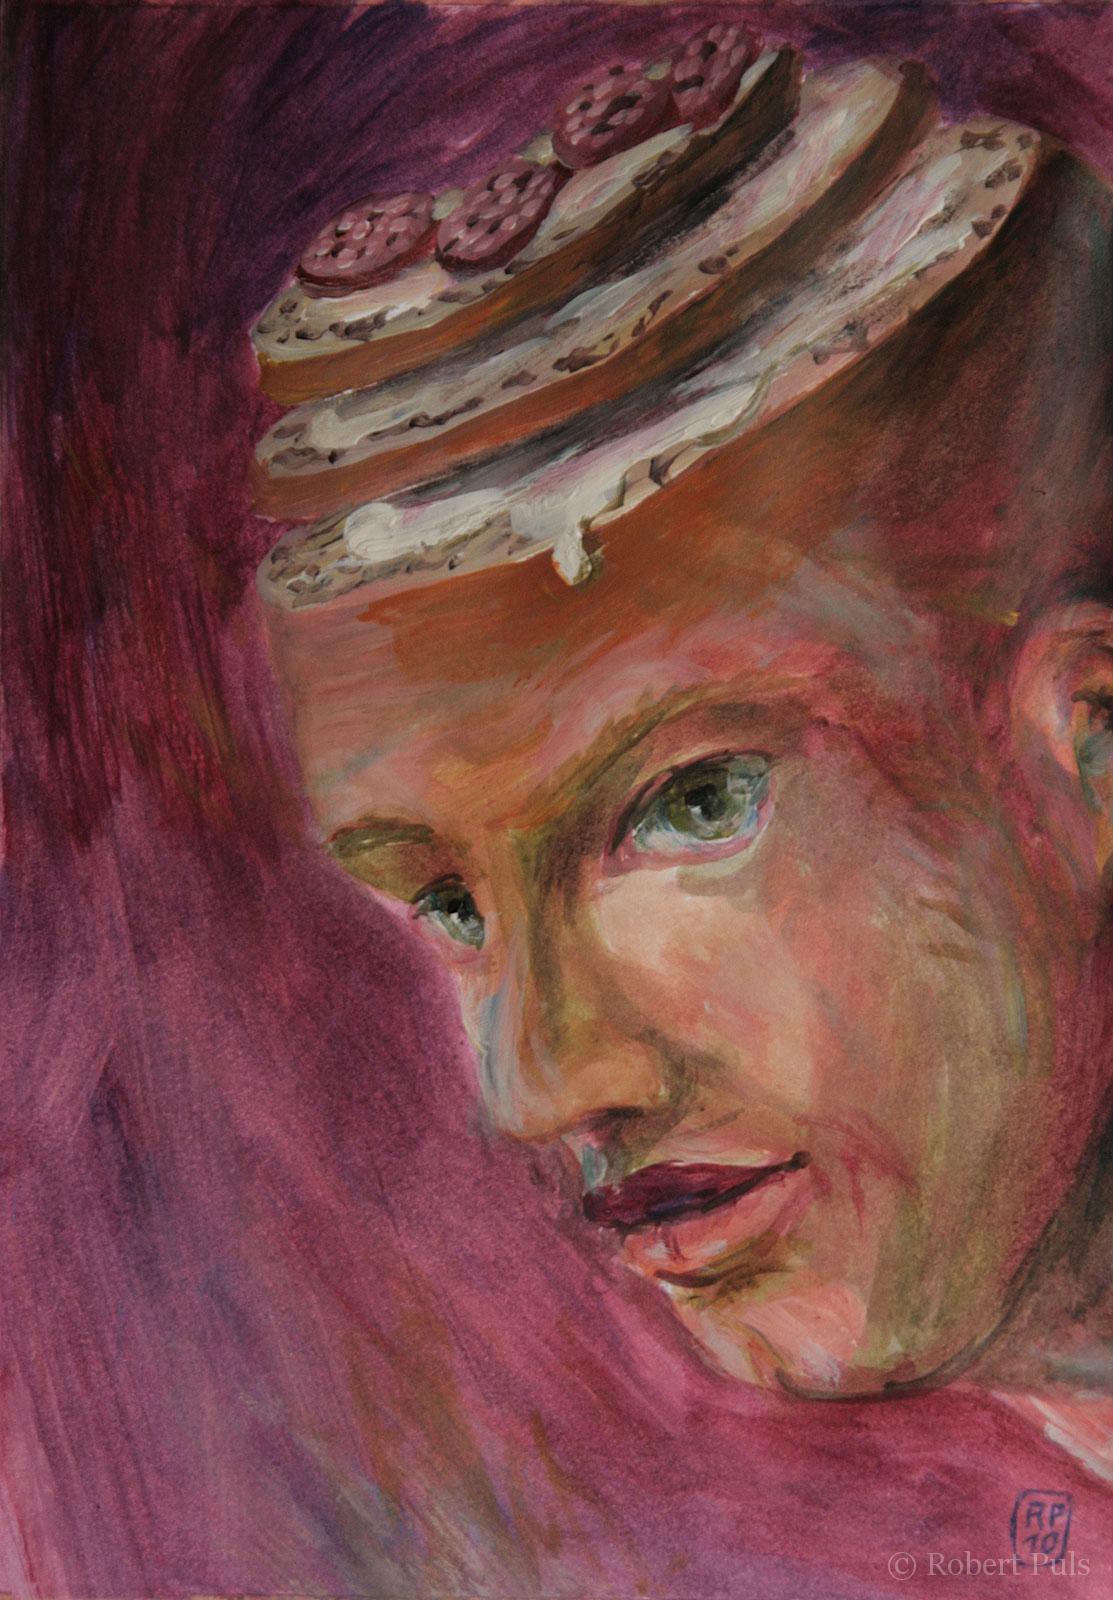 Aufschnitt Brotschaften Robert Puls Malerei Illustration